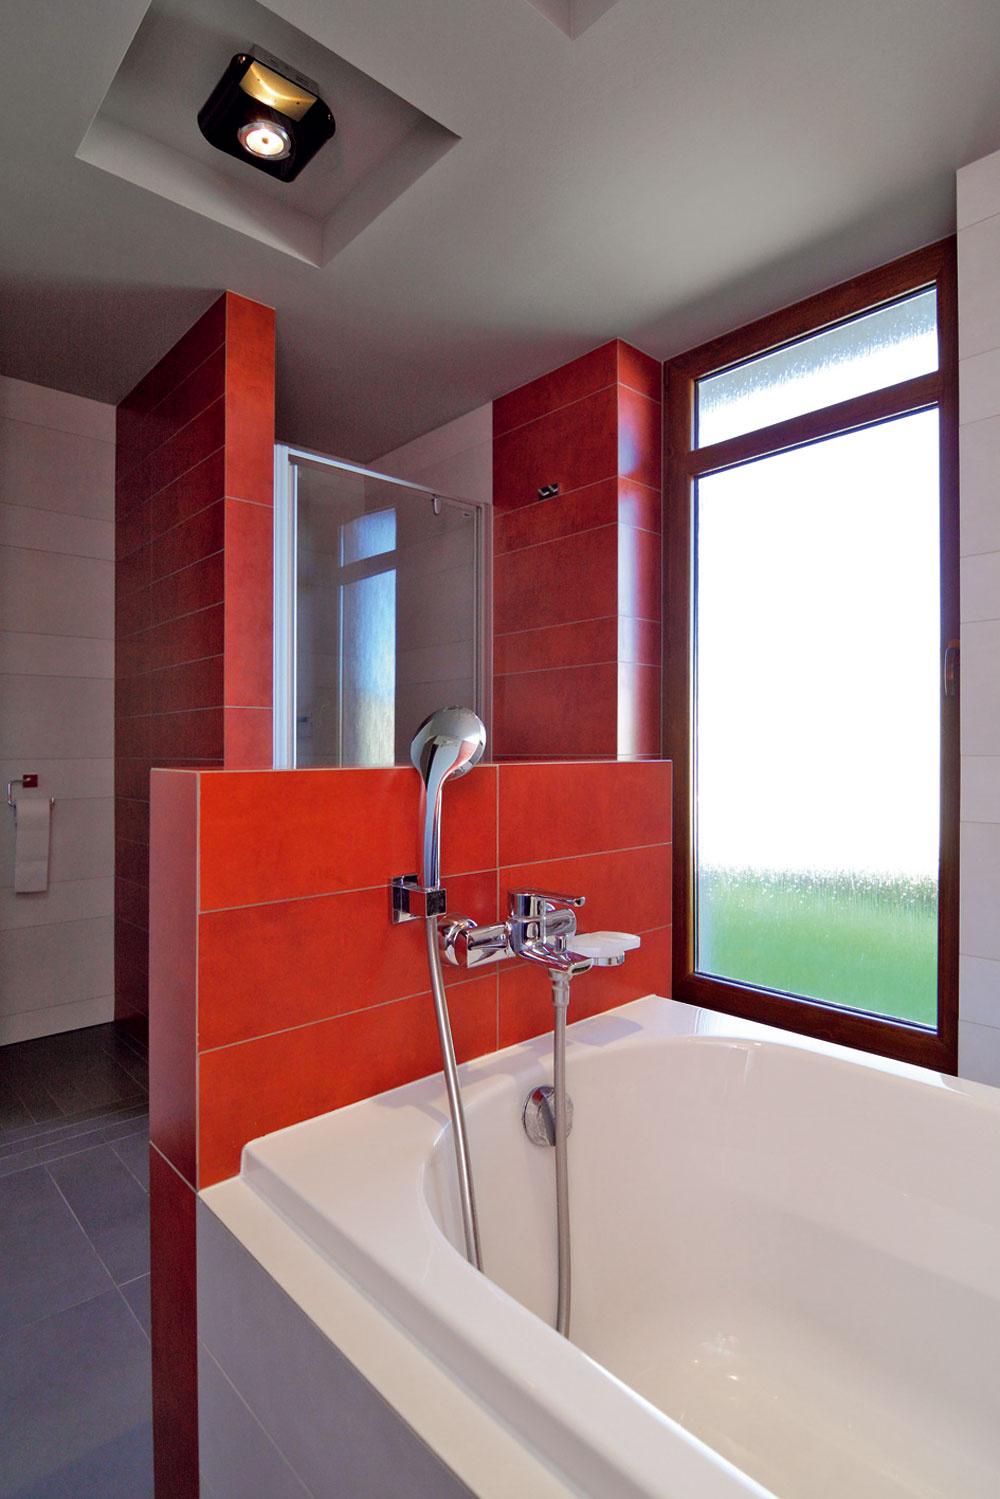 Netradične umiestnená vaňa vstrede kúpeľne umožňuje urobiť zdetského kúpania spoločenskú akciu. Pani domácej neprekáža ani potopa, ktorá pri tom vzniká. Podlahy sú predsa vybavené hydroizoláciou, takže nič nehrozí.